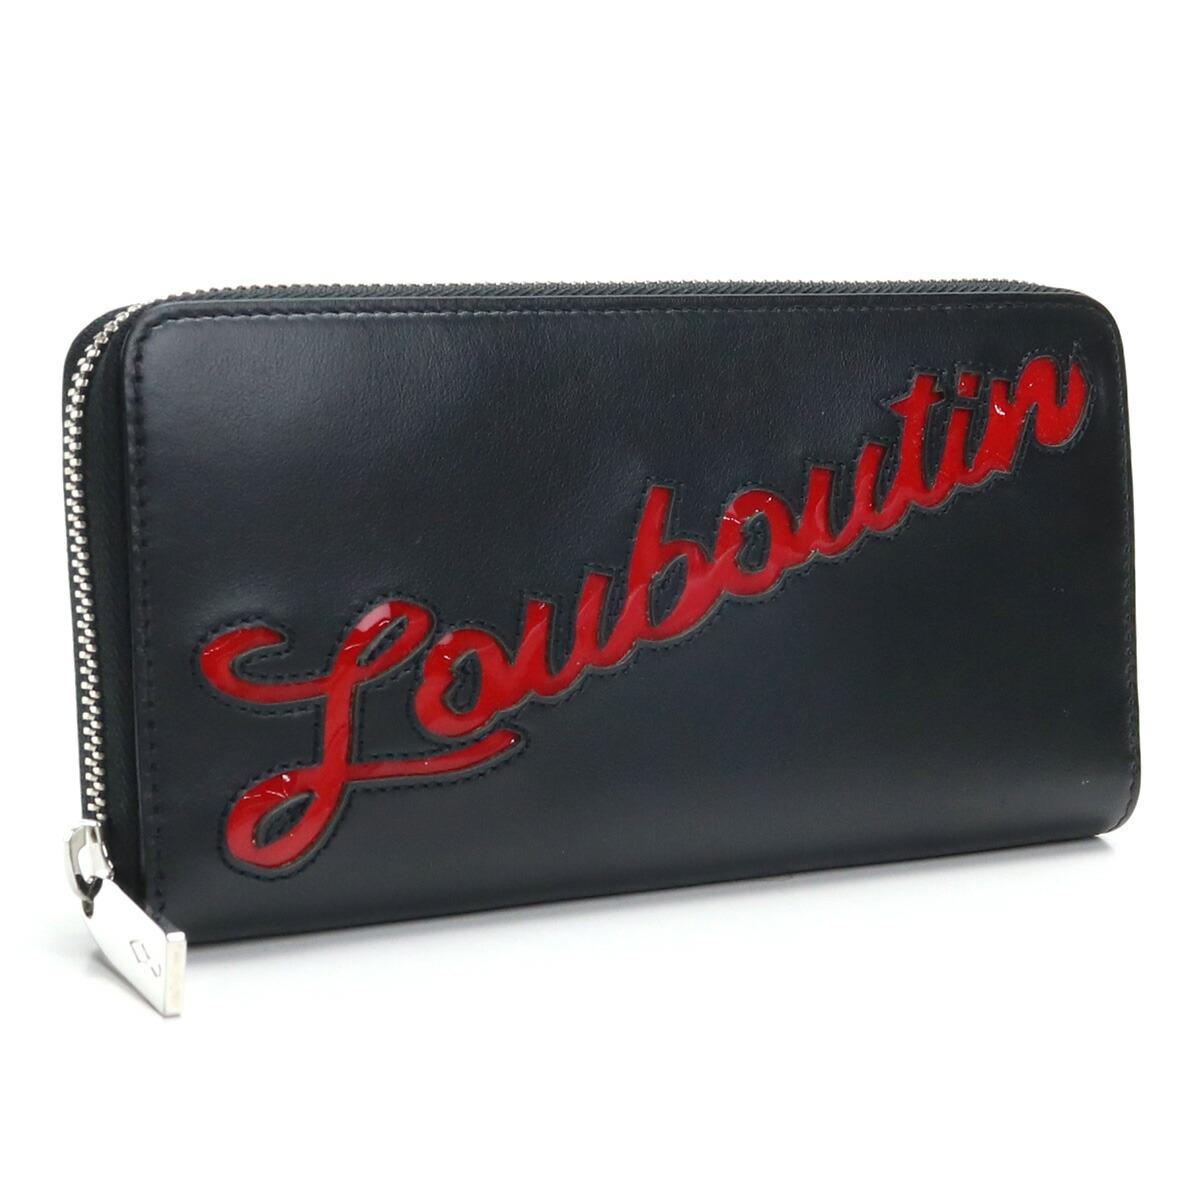 クリスチャン ルブタン Christian Louboutin ラウンドファスナー 長財布 3195121 H358 BLACK/LOUBI ブラック メンズレディース